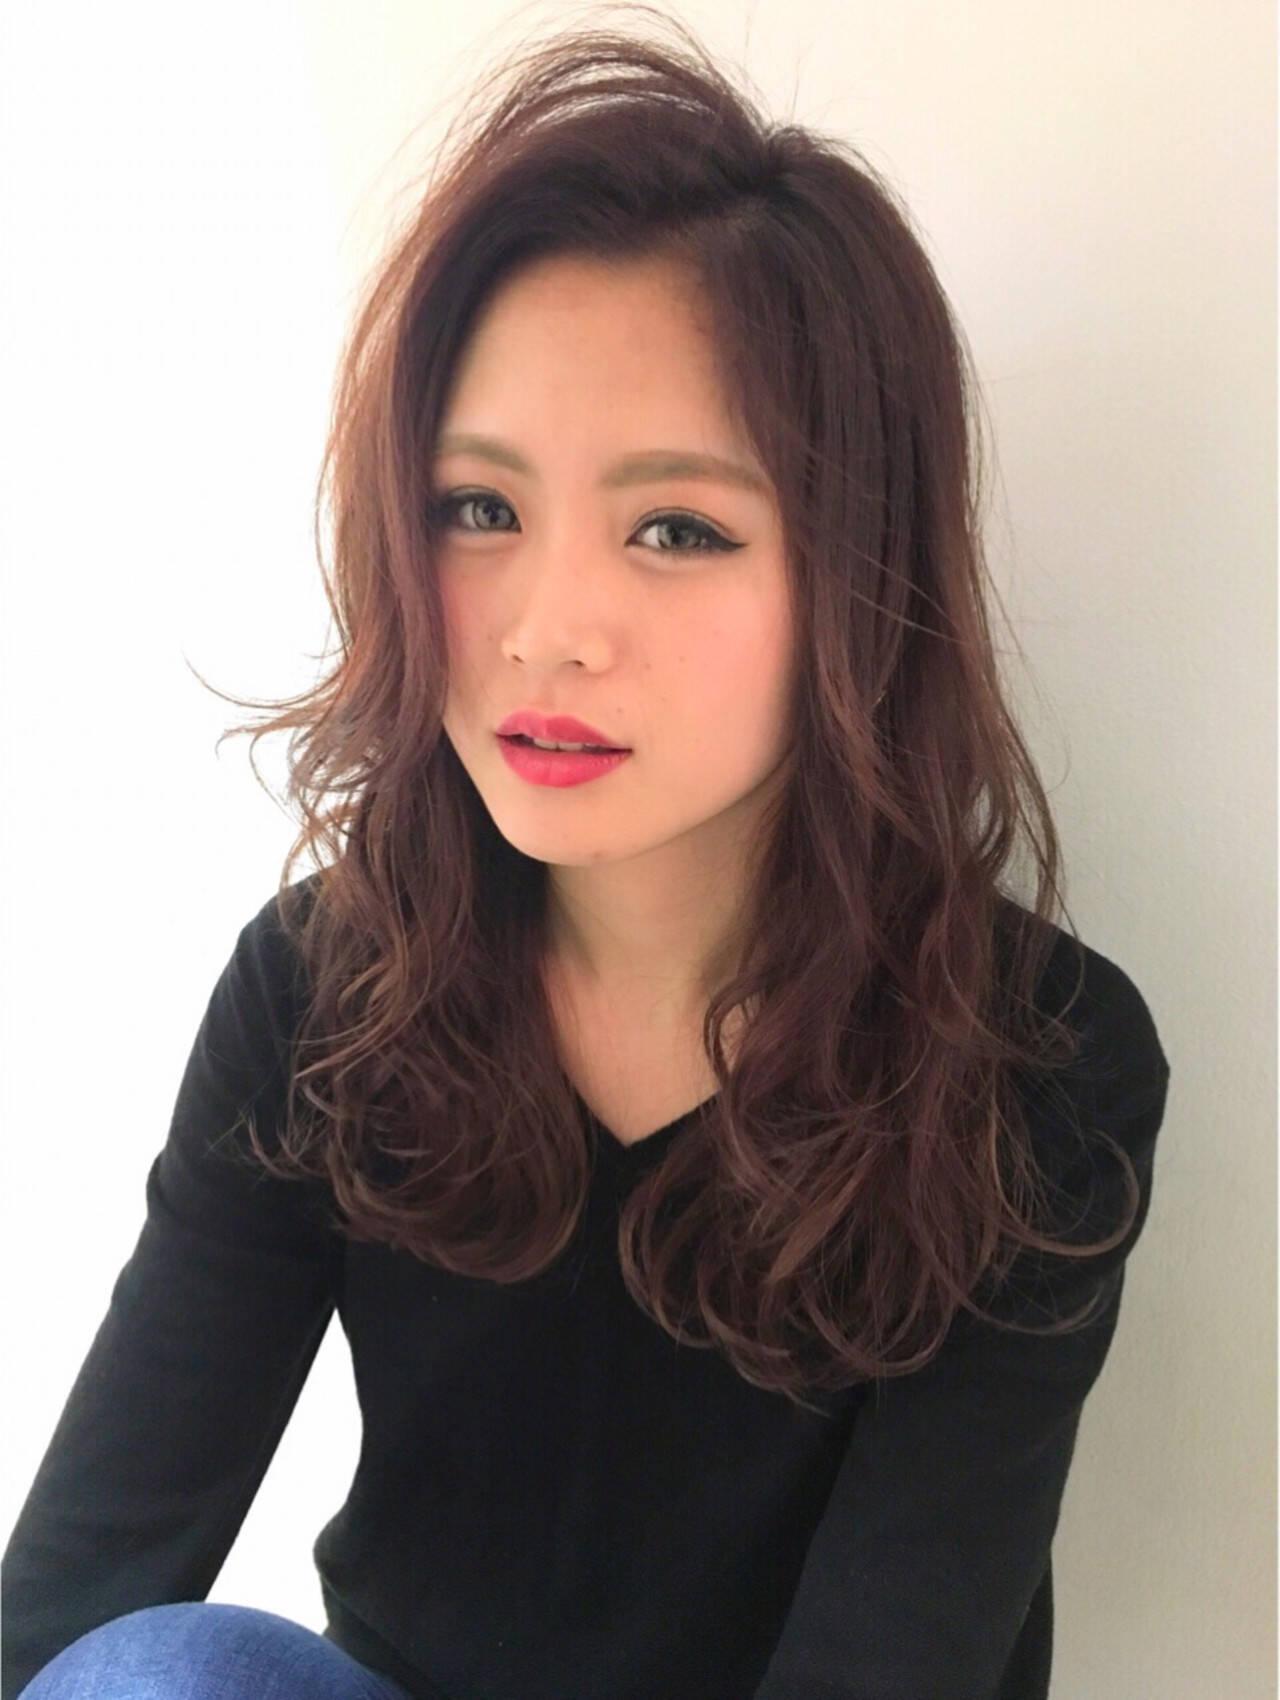 ロング 外国人風 レイヤーカット ベージュヘアスタイルや髪型の写真・画像